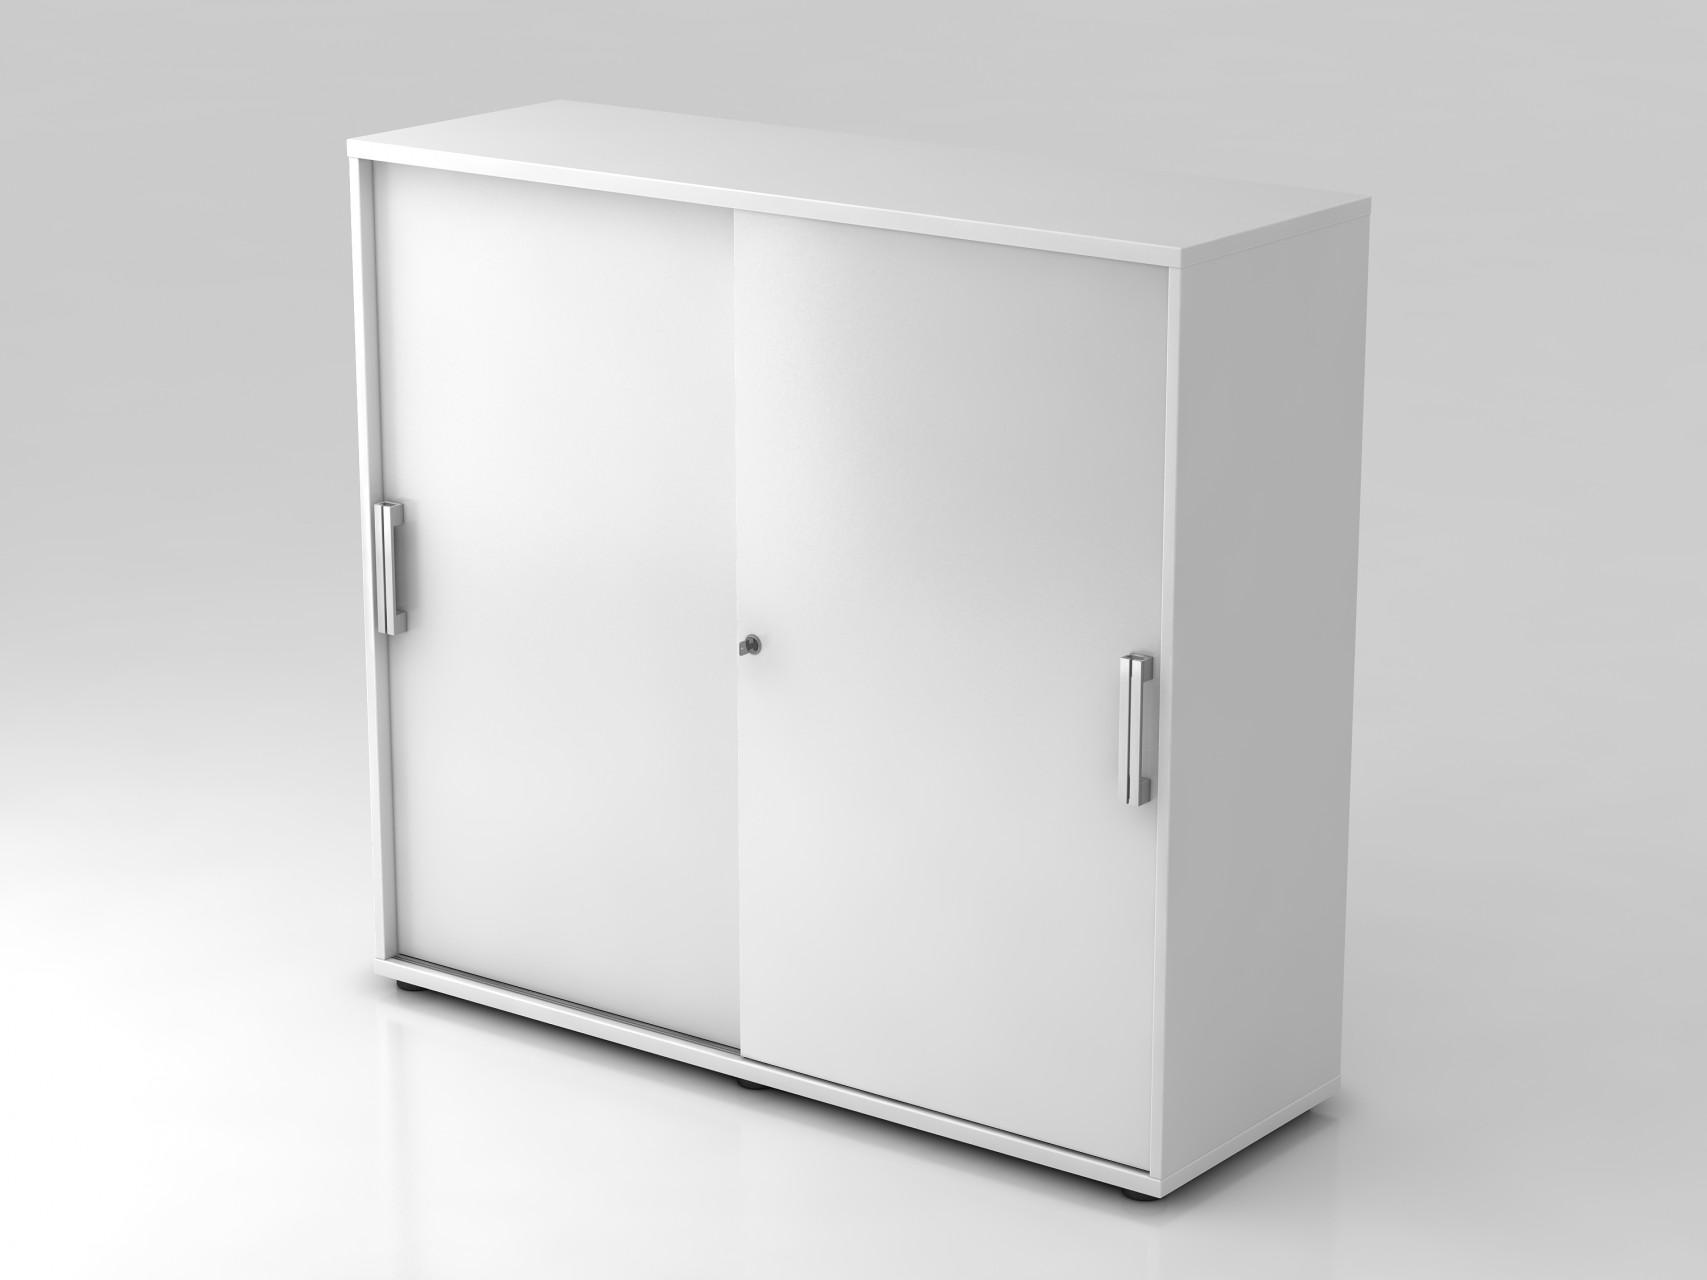 Armoires Portes Coulissantes H110 Cm Achat Armoires